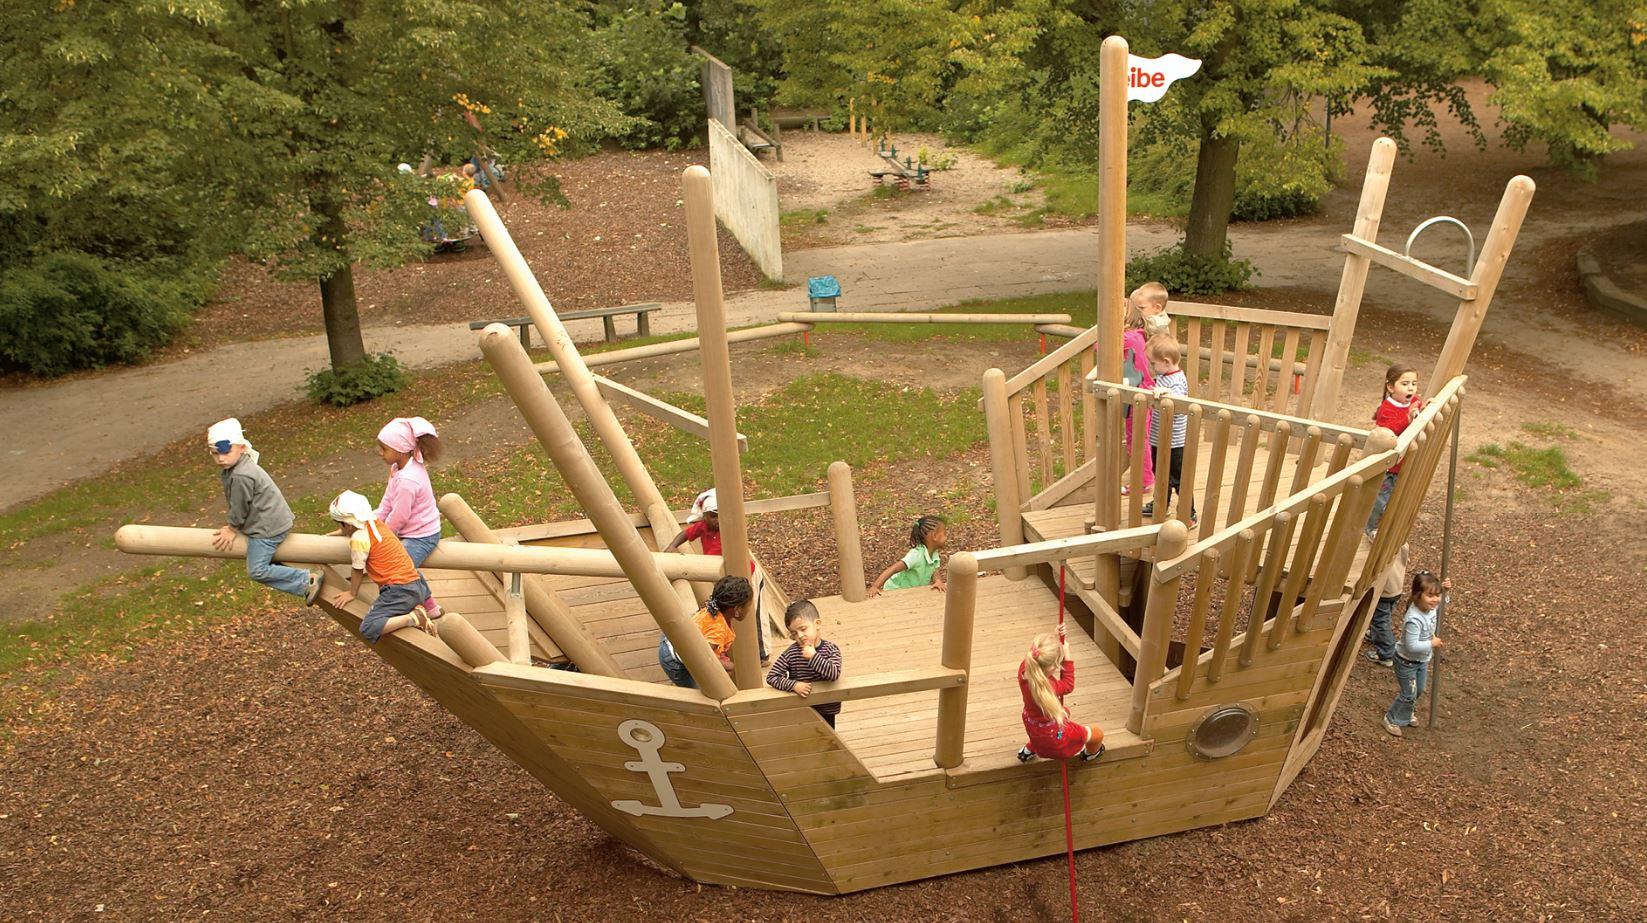 Parques infantiles Robinea-Eibe